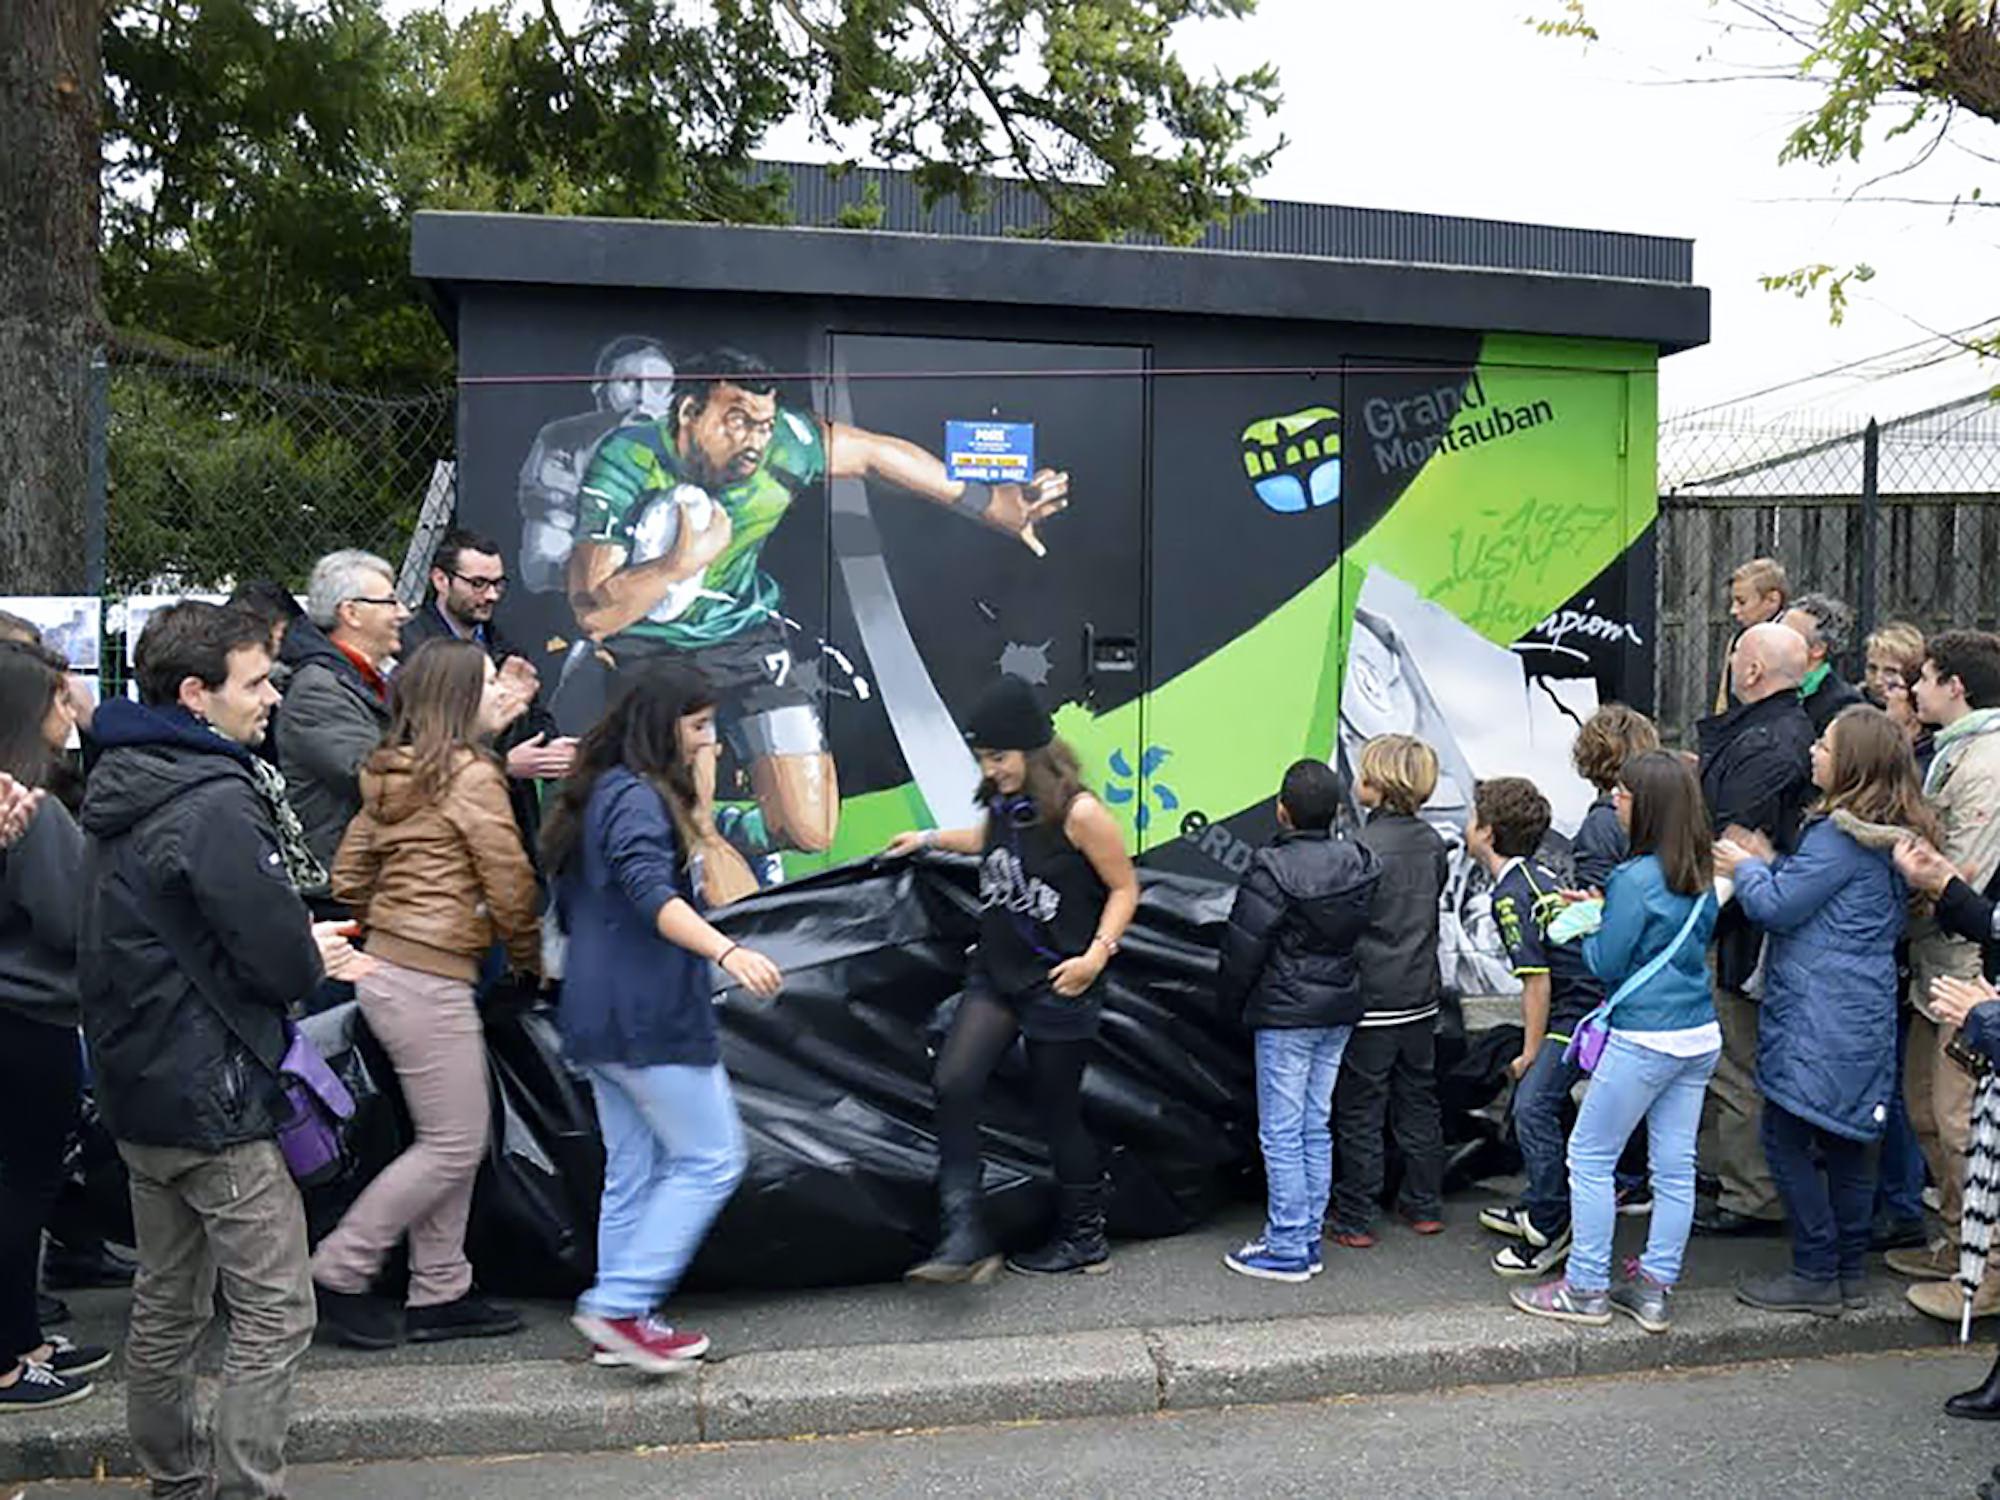 transformateur-sapiac-graffiti-rugby-graff-fresque-montauban